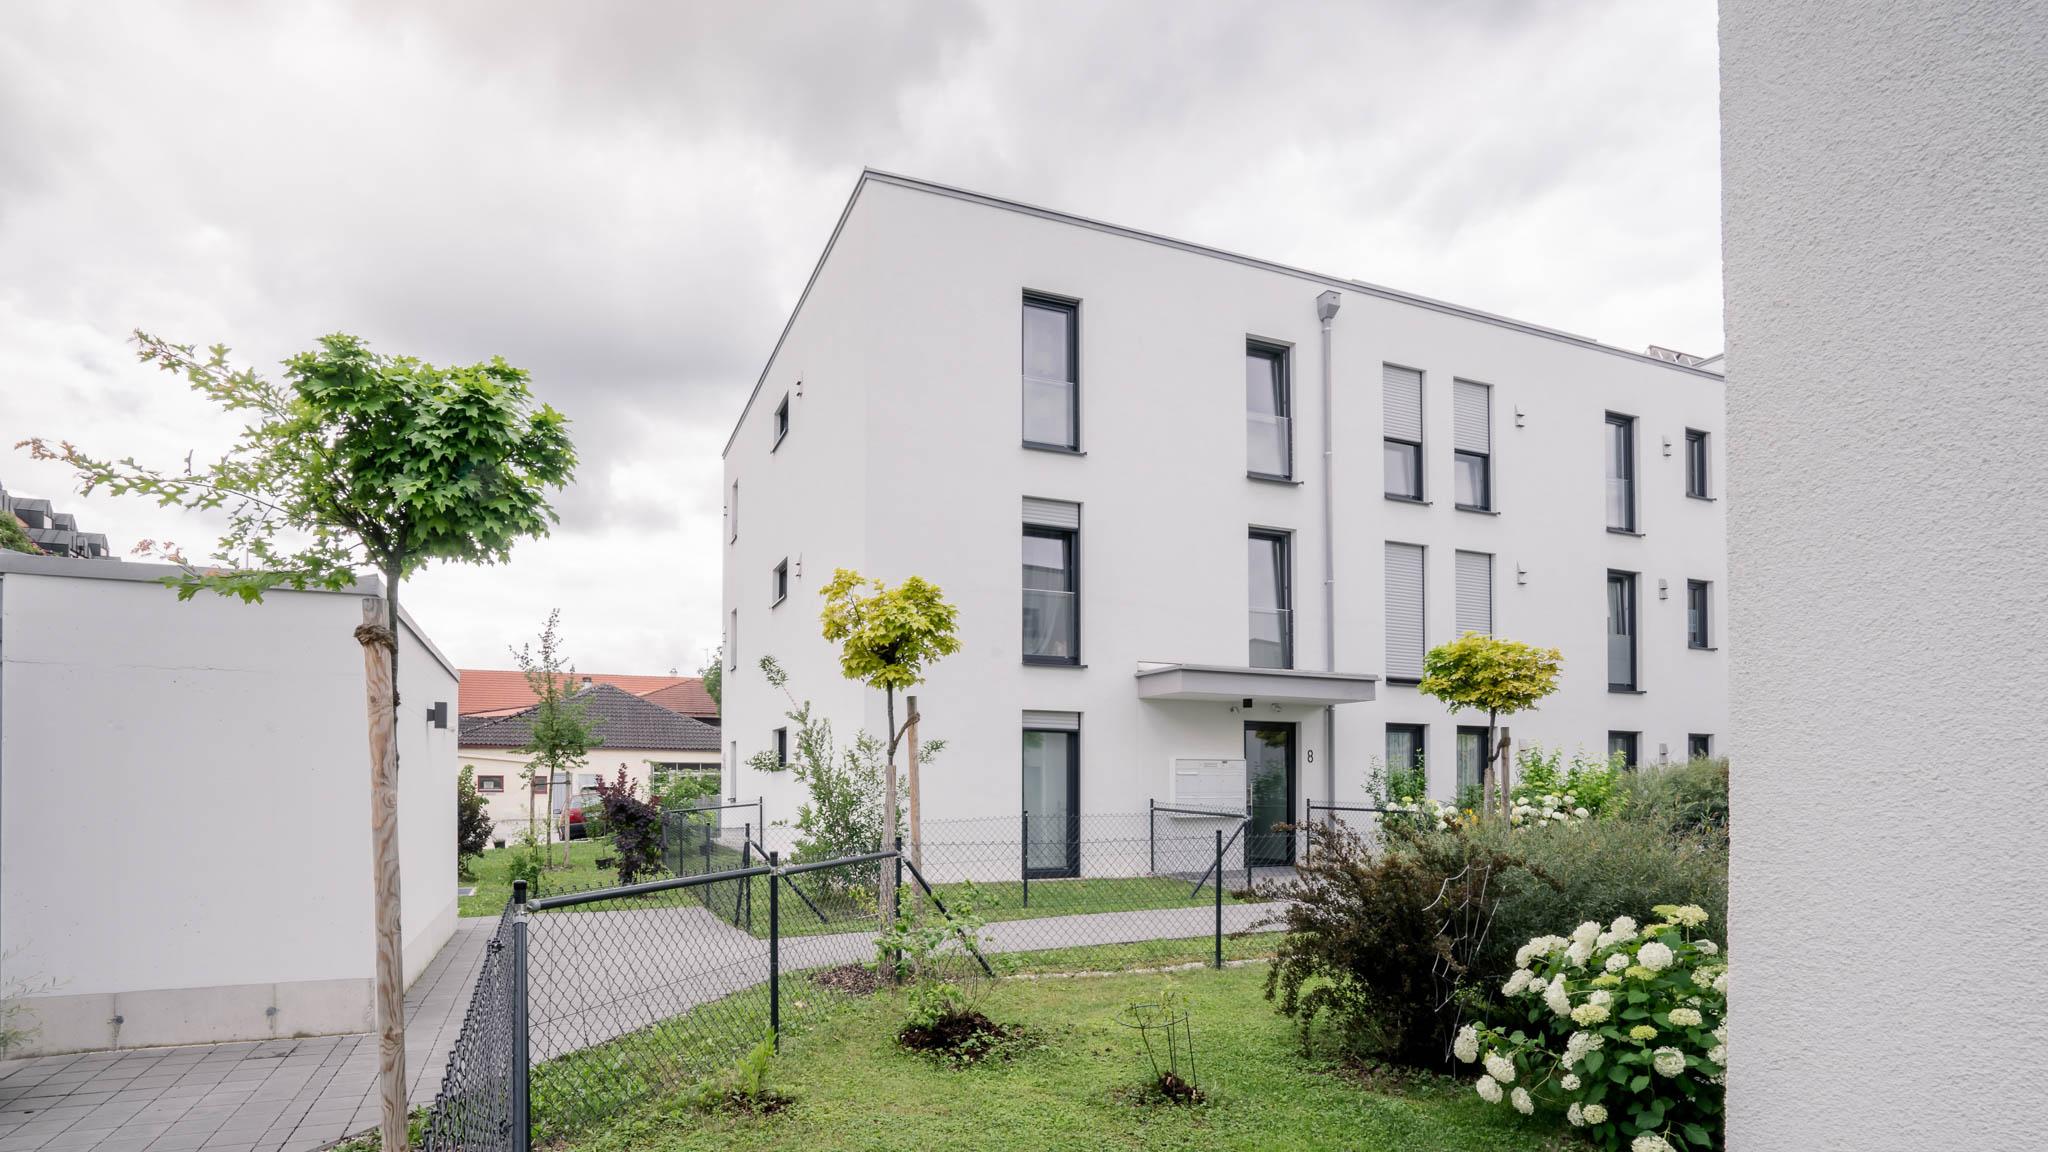 portfolio-bauunternehmen-fuch-mehrfamilienhaus-freilassing-3.jpg